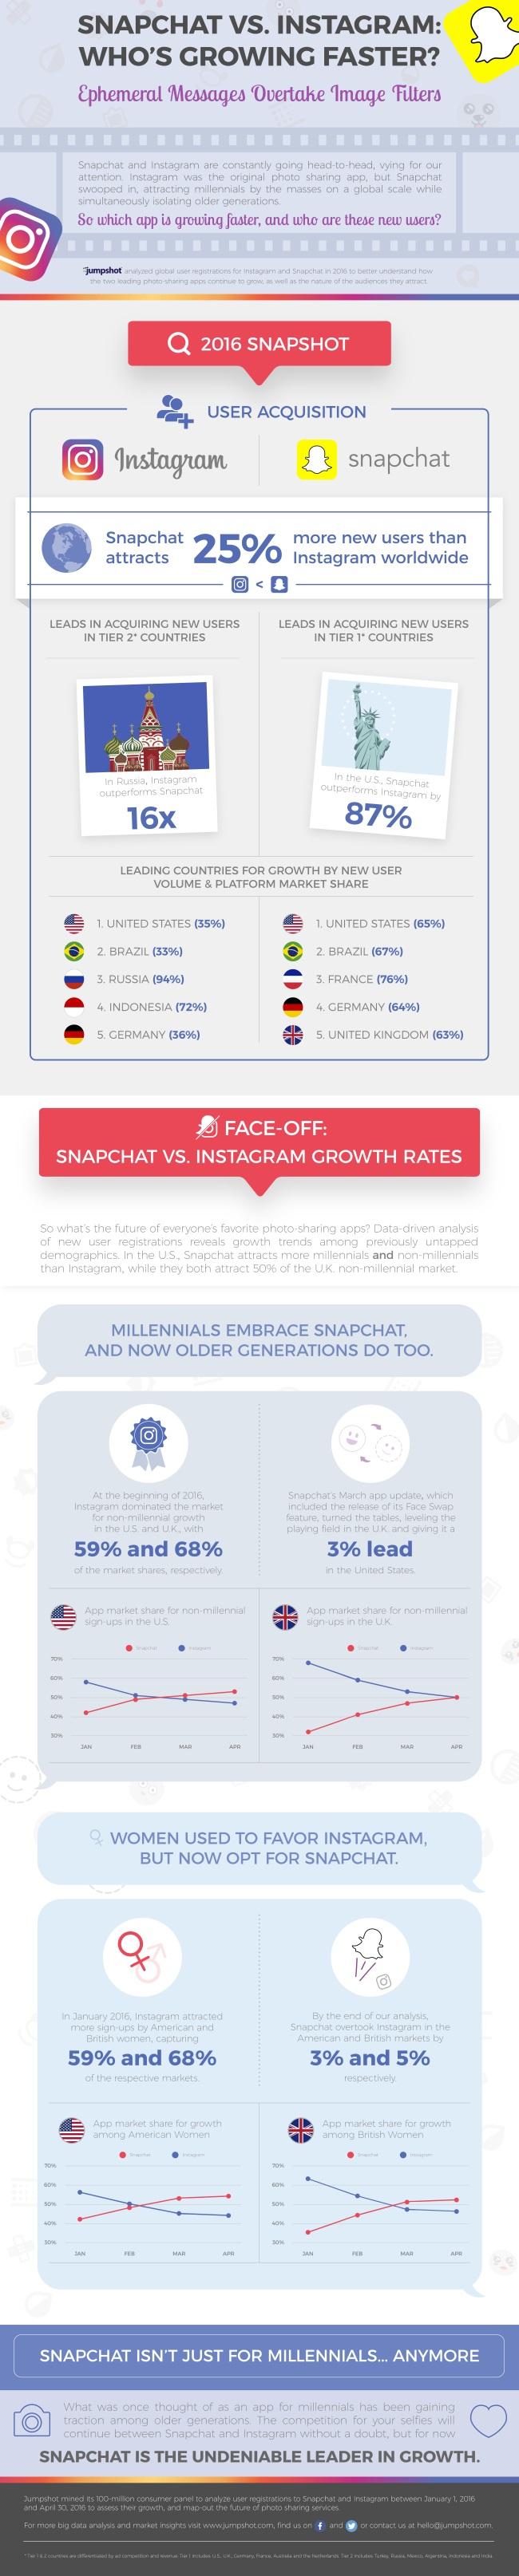 infografia-snapchat-vs-instagram